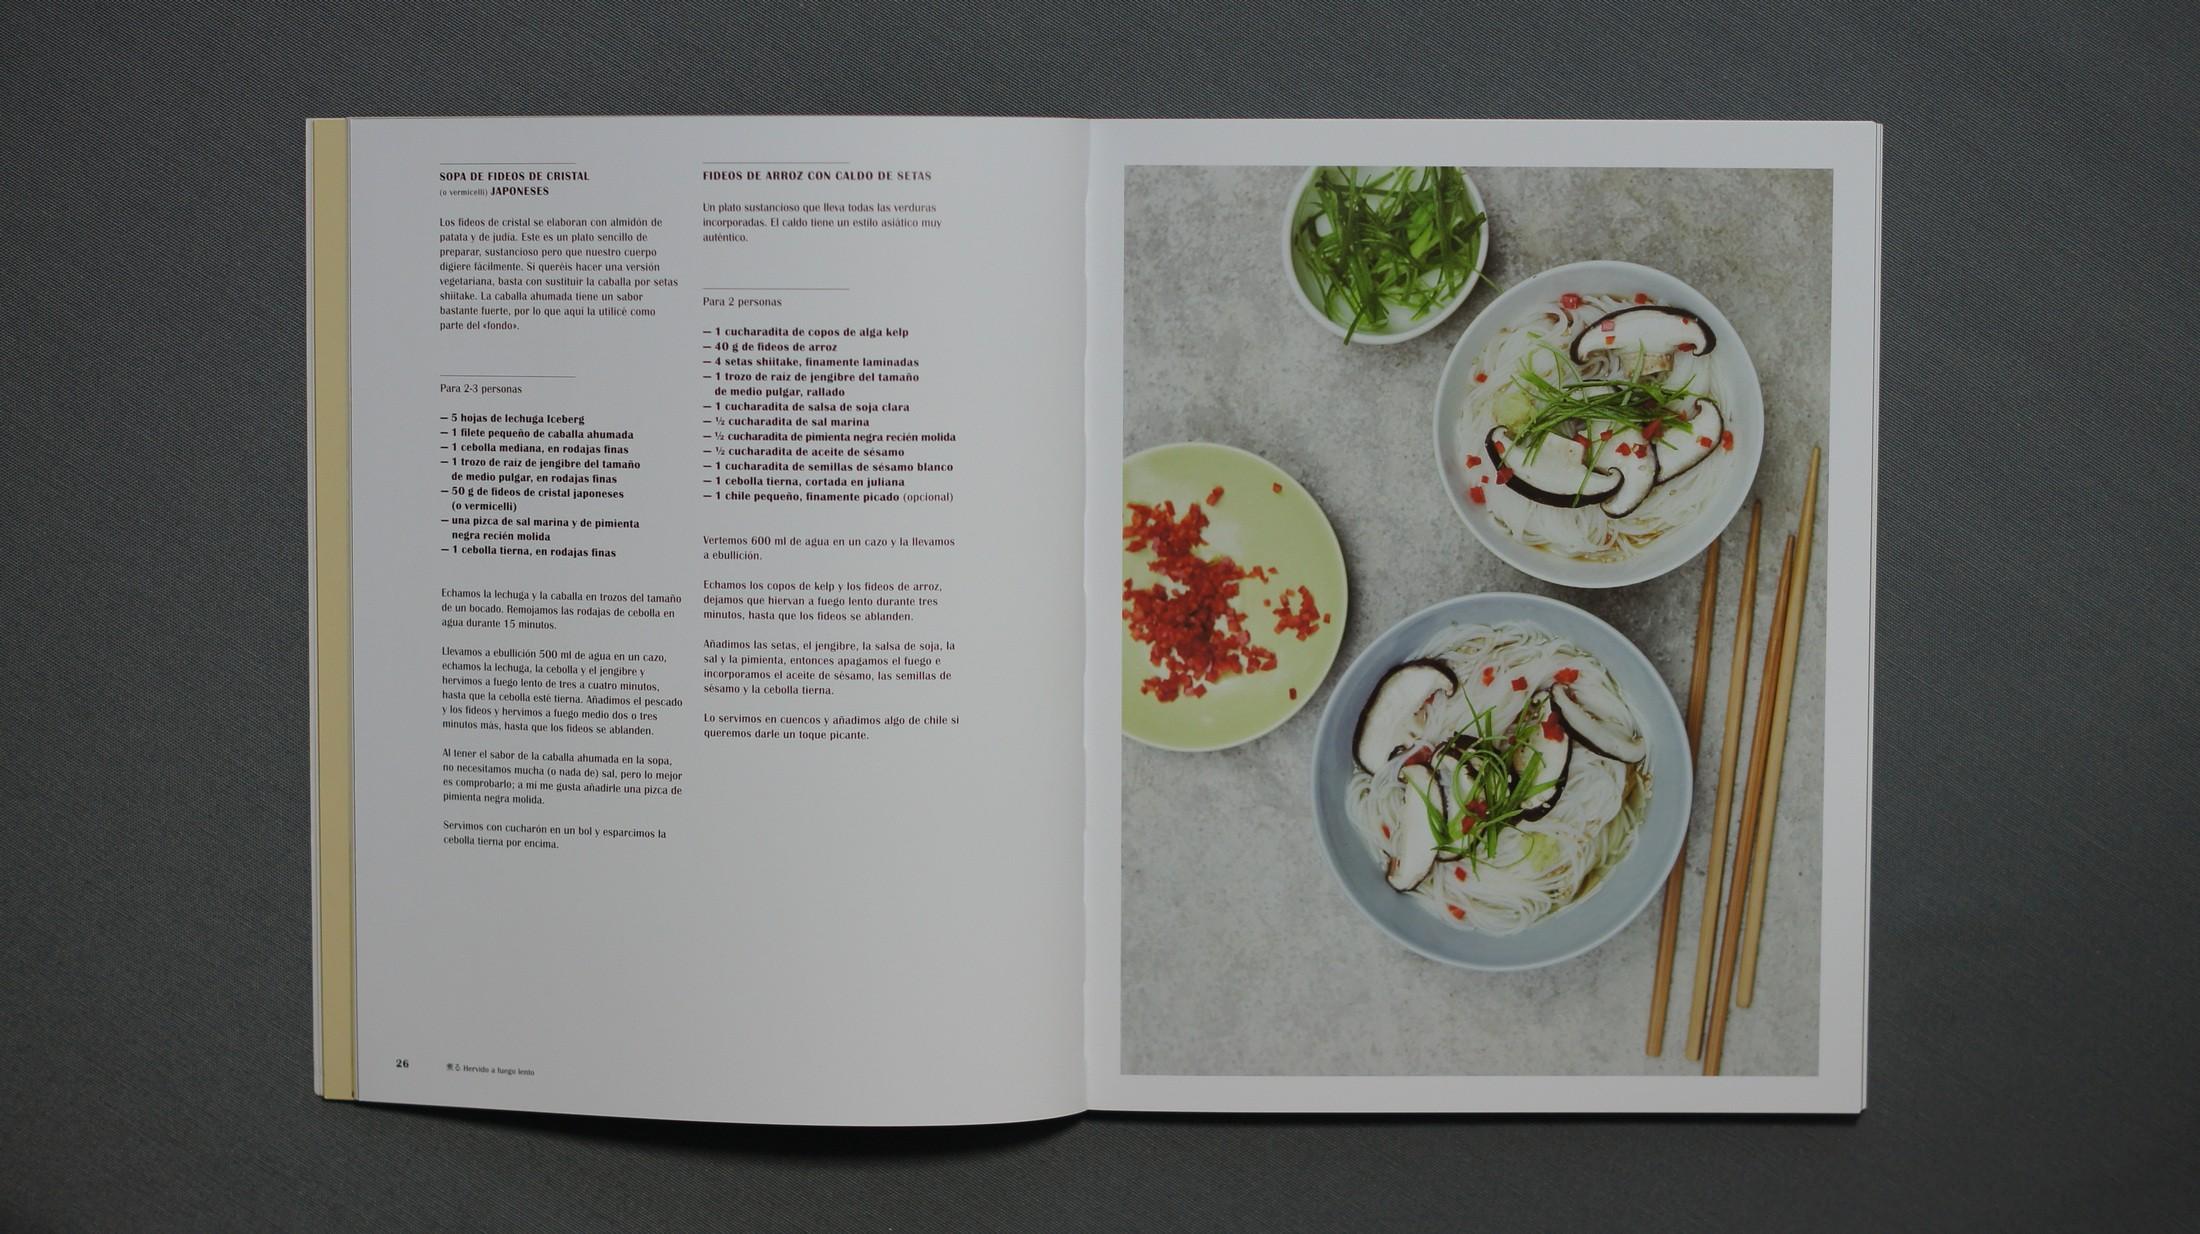 Shoku Iku, cocina japonesa para una vida larga y saludable